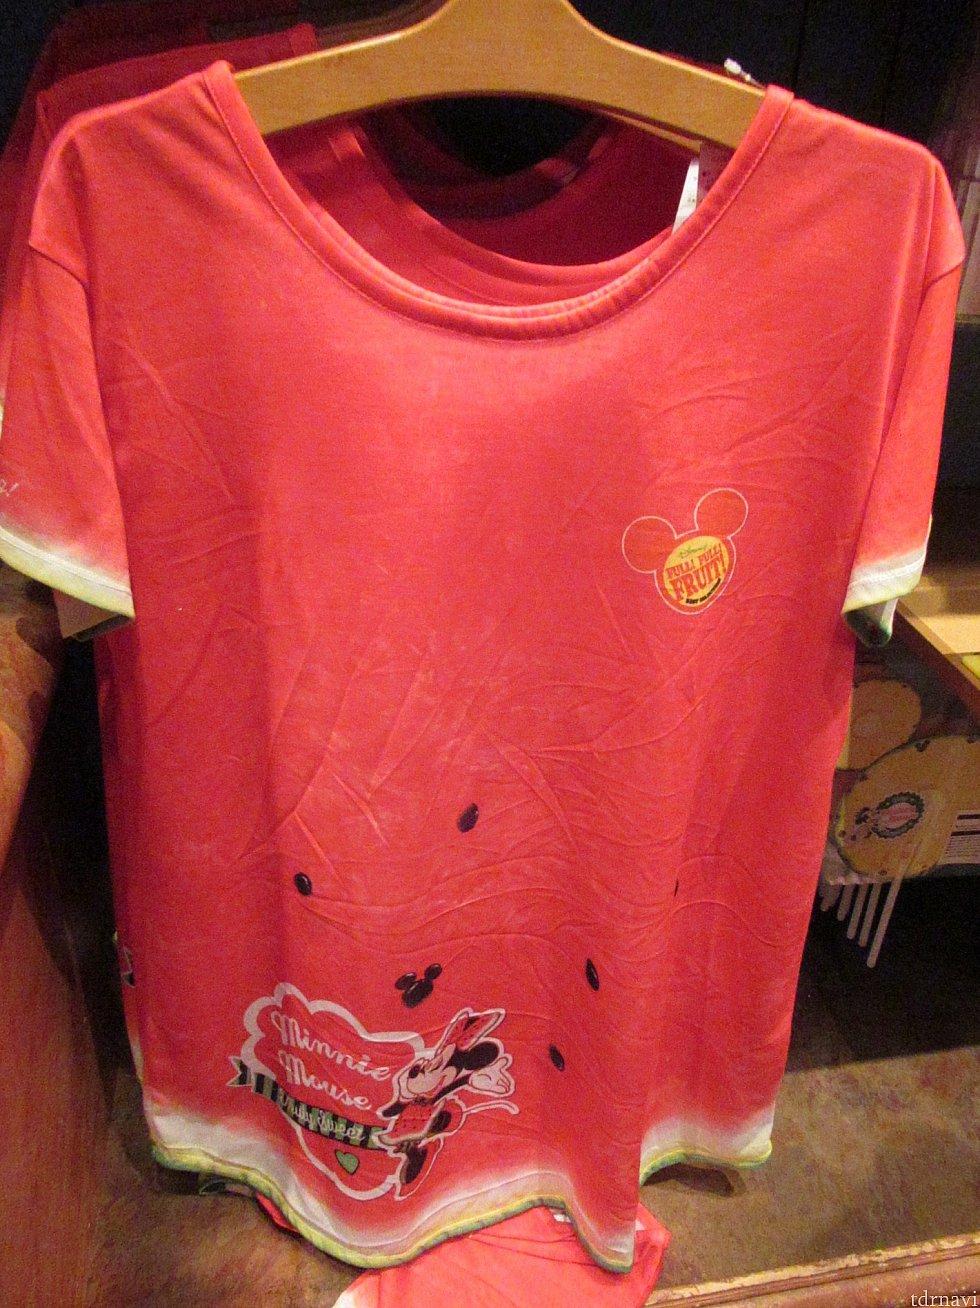 スイカミニーTシャツ 3900円 昨年と同じデザイン